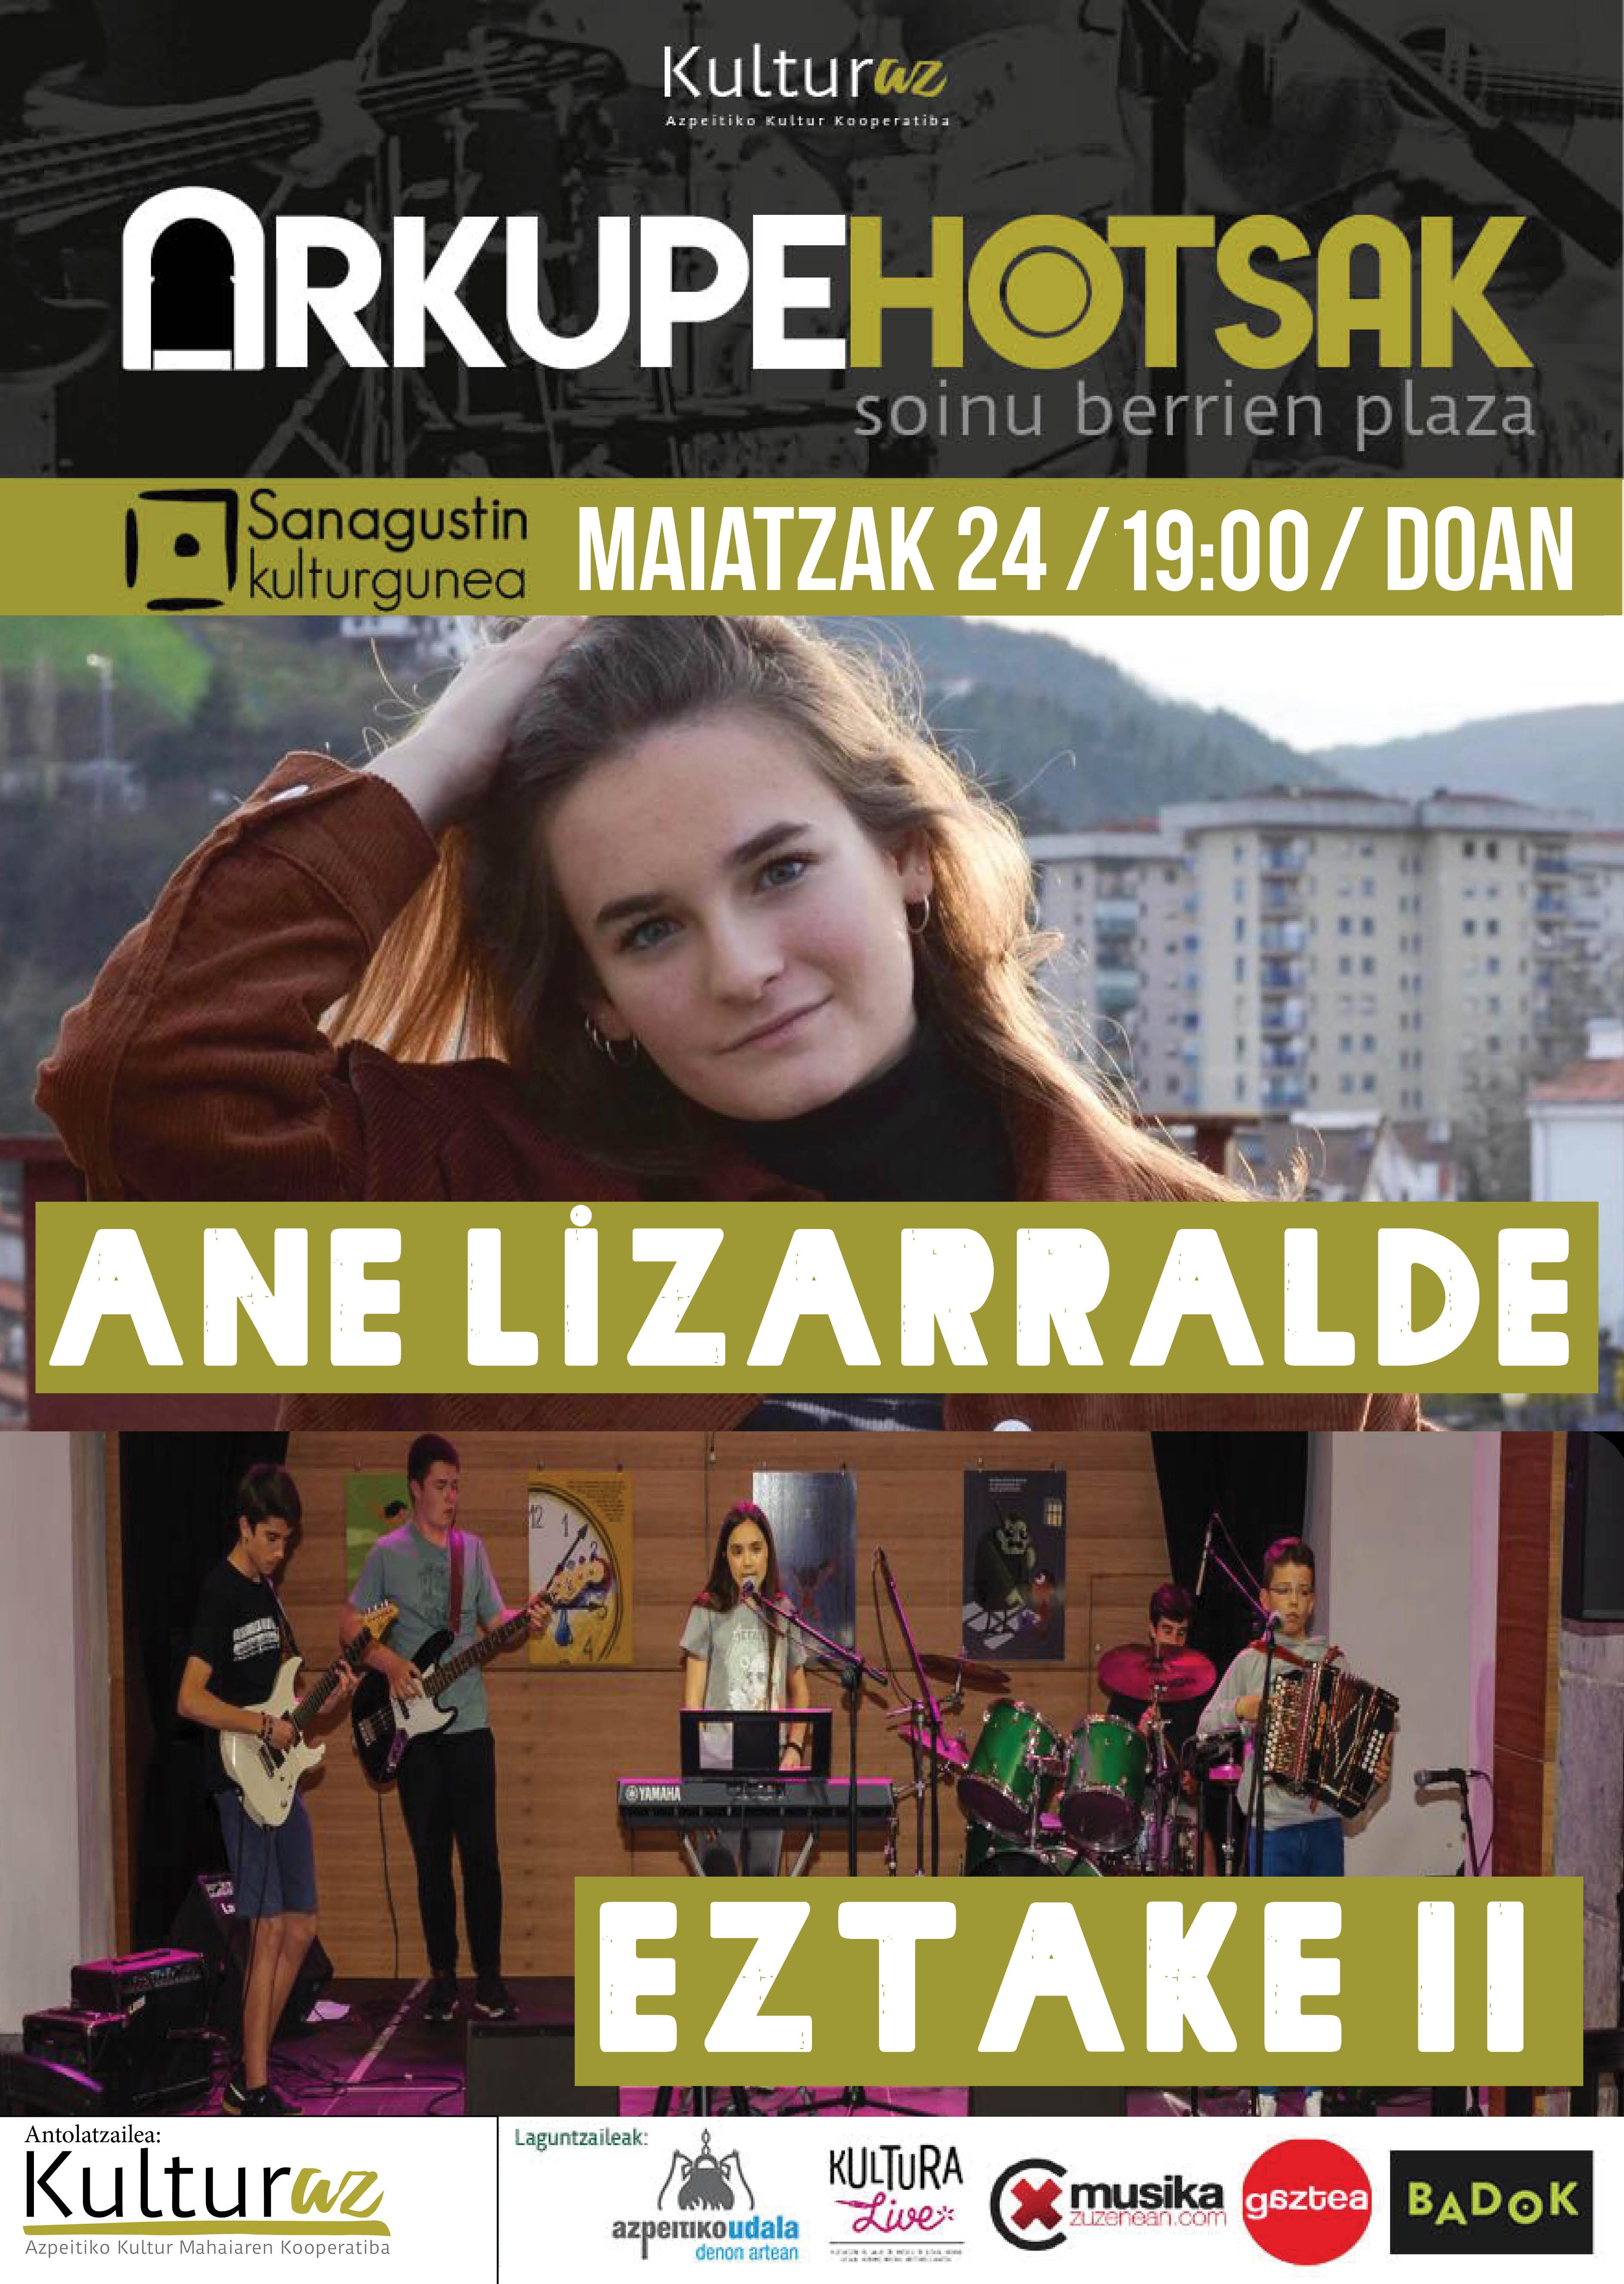 #ArkupeHotsak: Ane Lizarralde + Eztake II